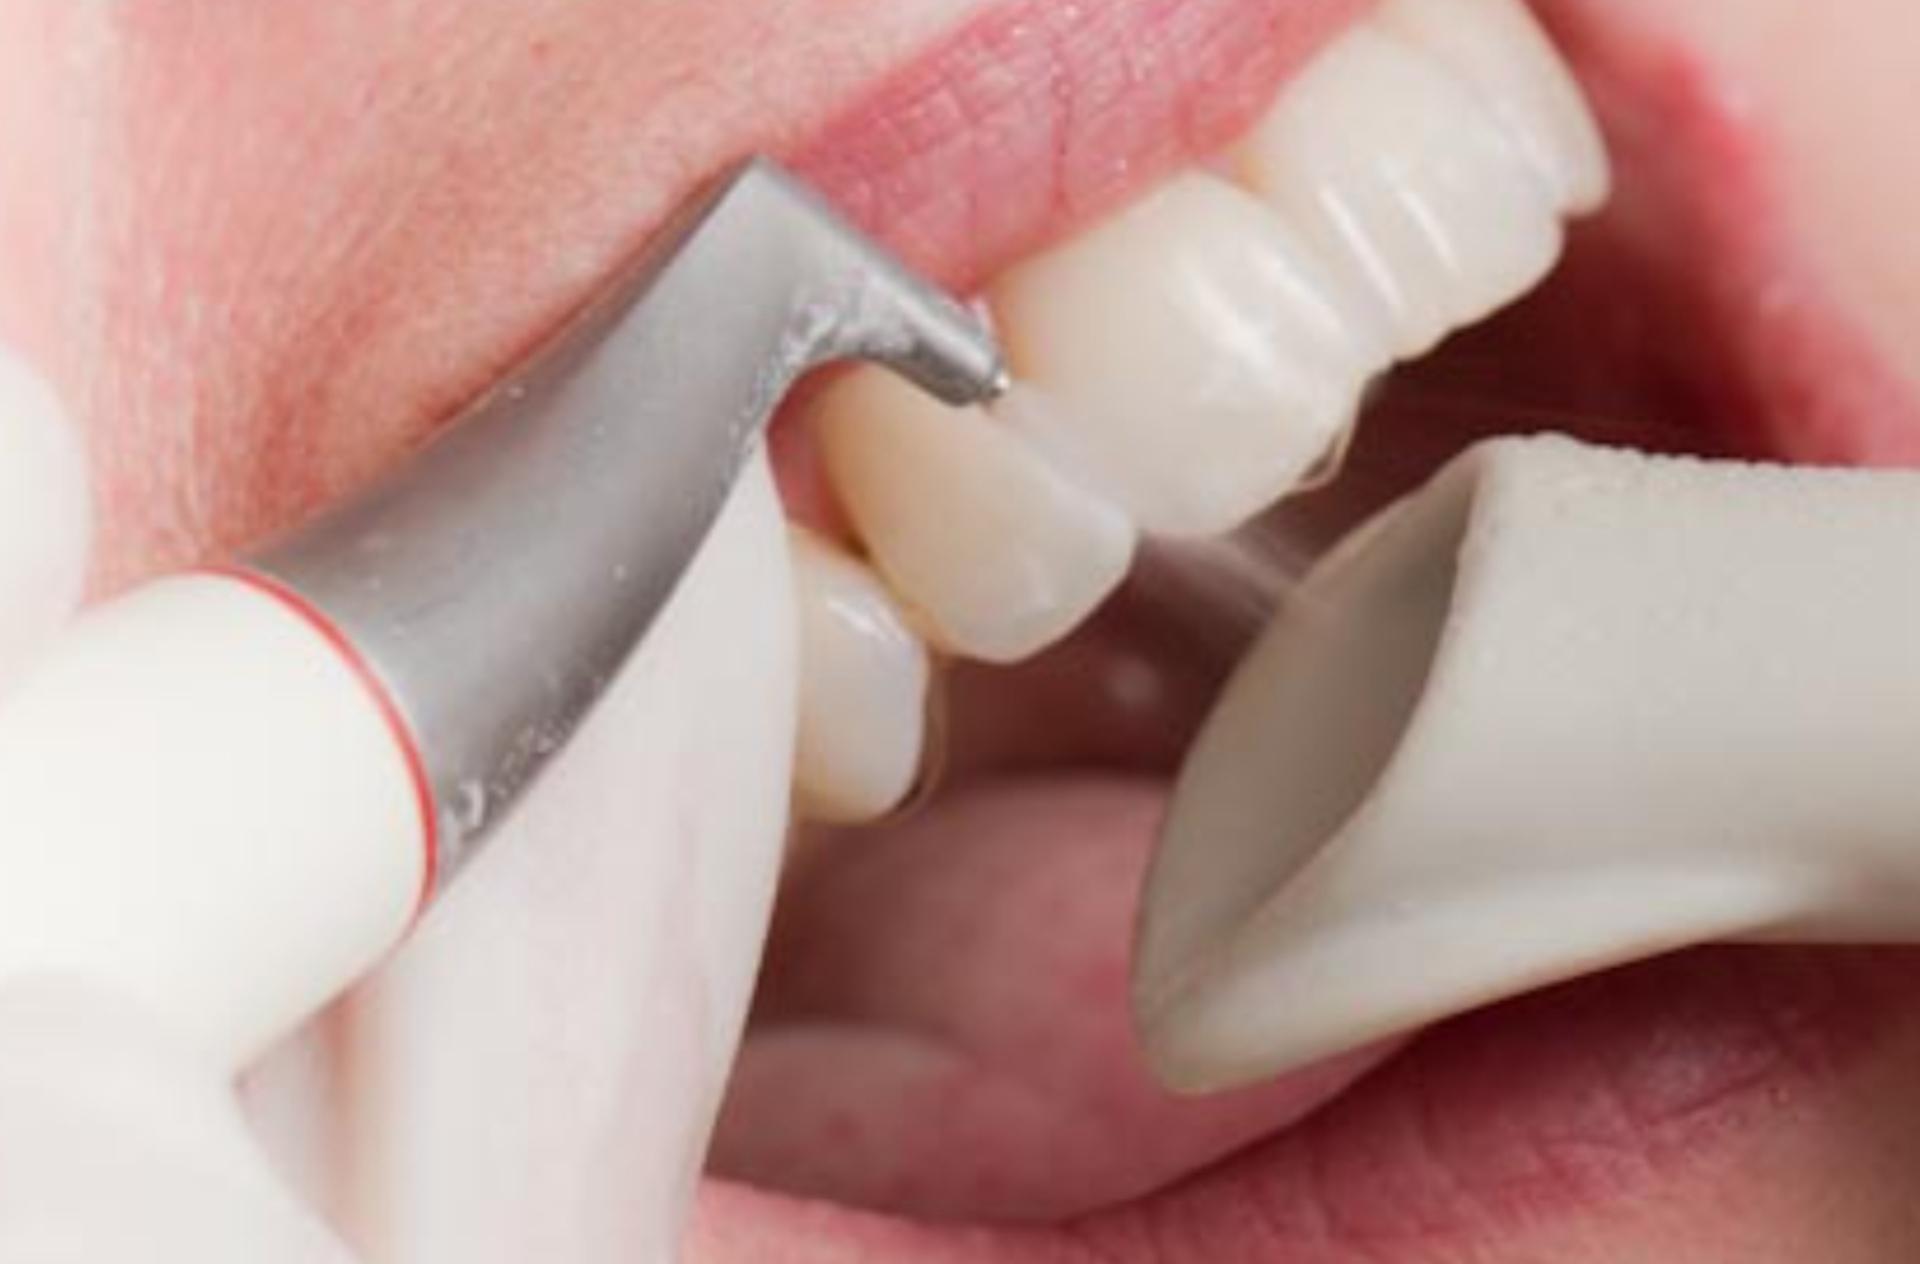 Tooth fluoridation